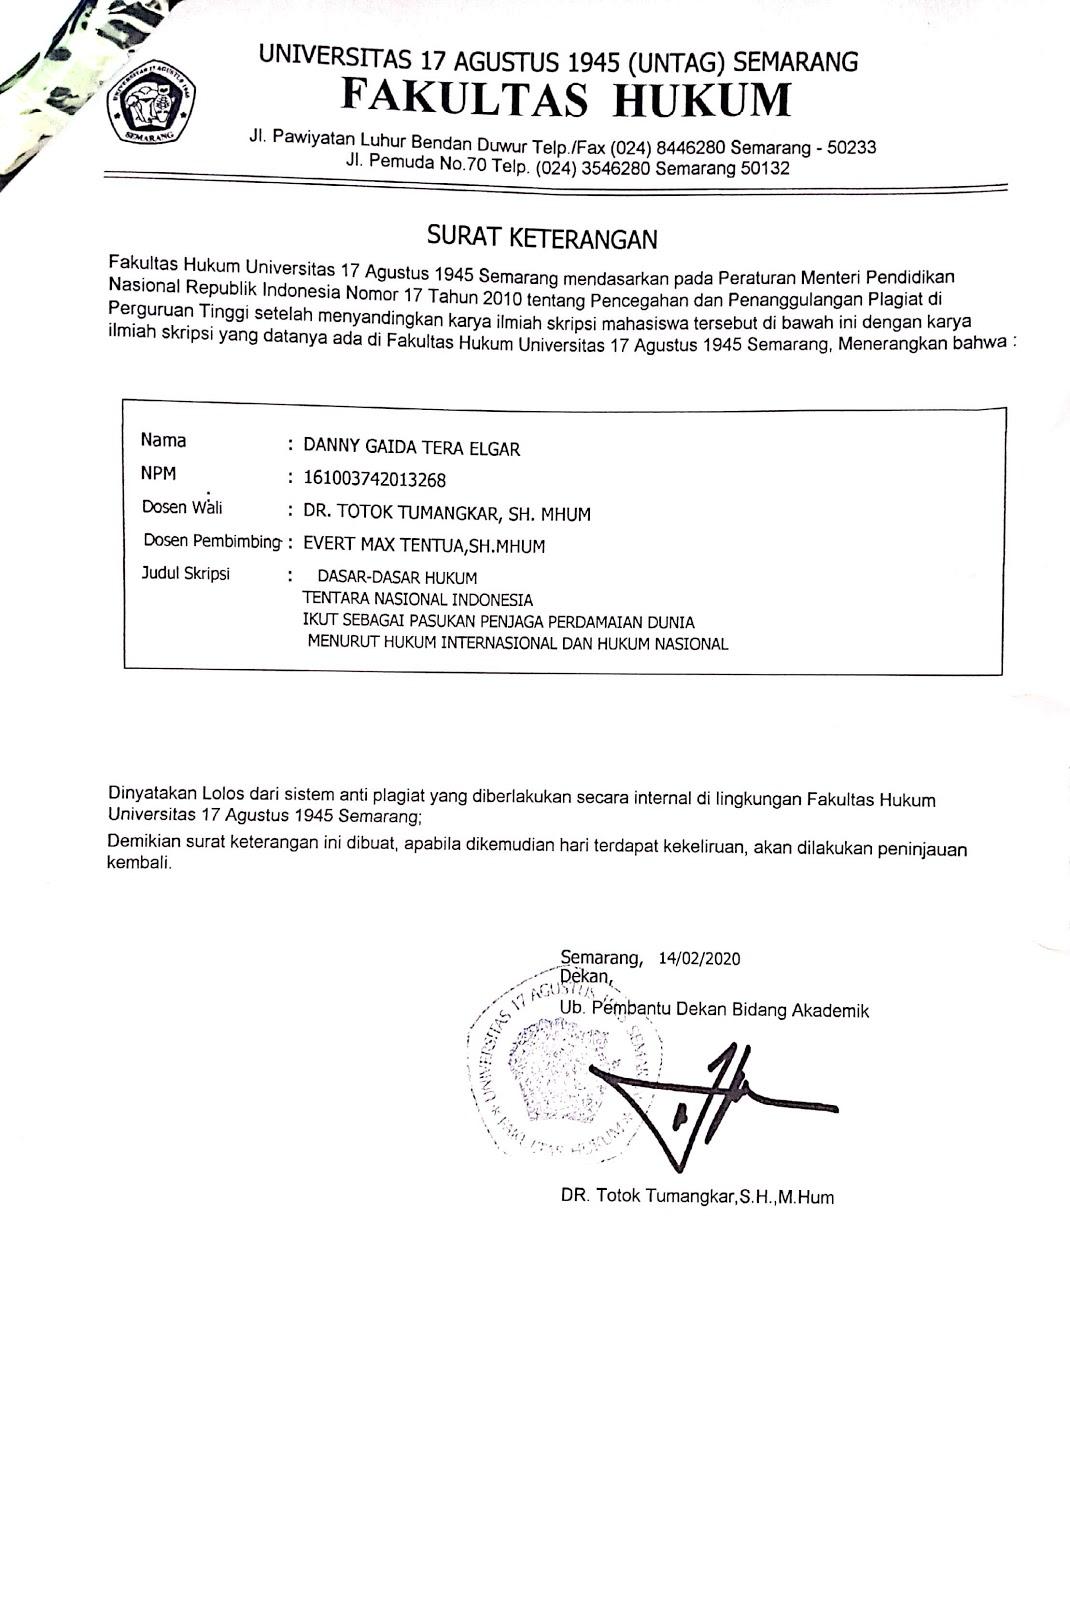 Surat Keterangan Karya Ilmiah / Skripsi Bebas Plagiat Fakultas Hukum Universitas 17 Agustus 1945 (UNTAG) Semarang